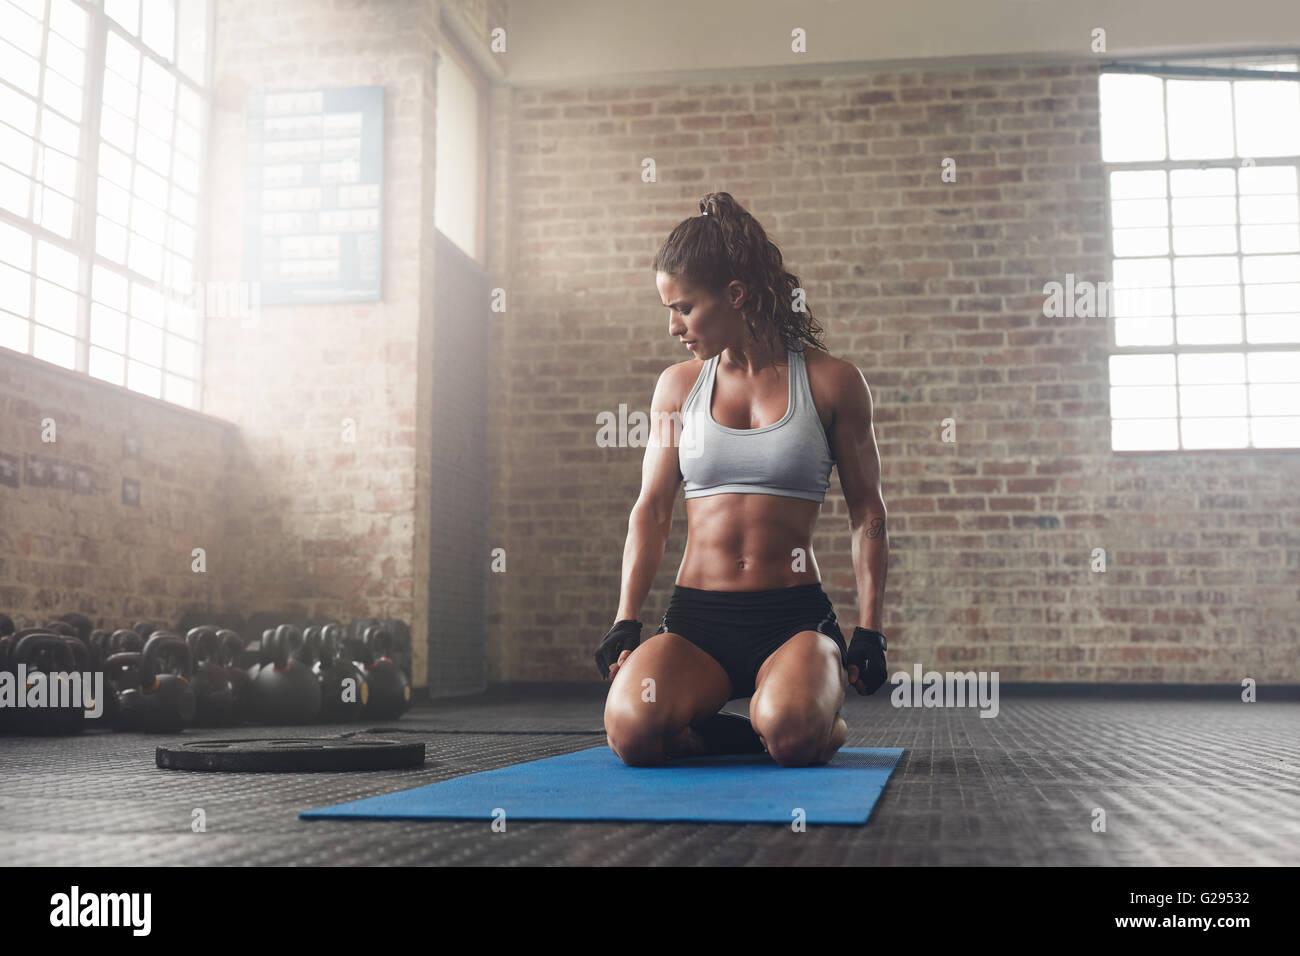 Innenaufnahme des Fitness junge Frau sitzt auf Yoga-Matte im Fitnessstudio. Muskulöse junge Sportlerin eine Stockbild